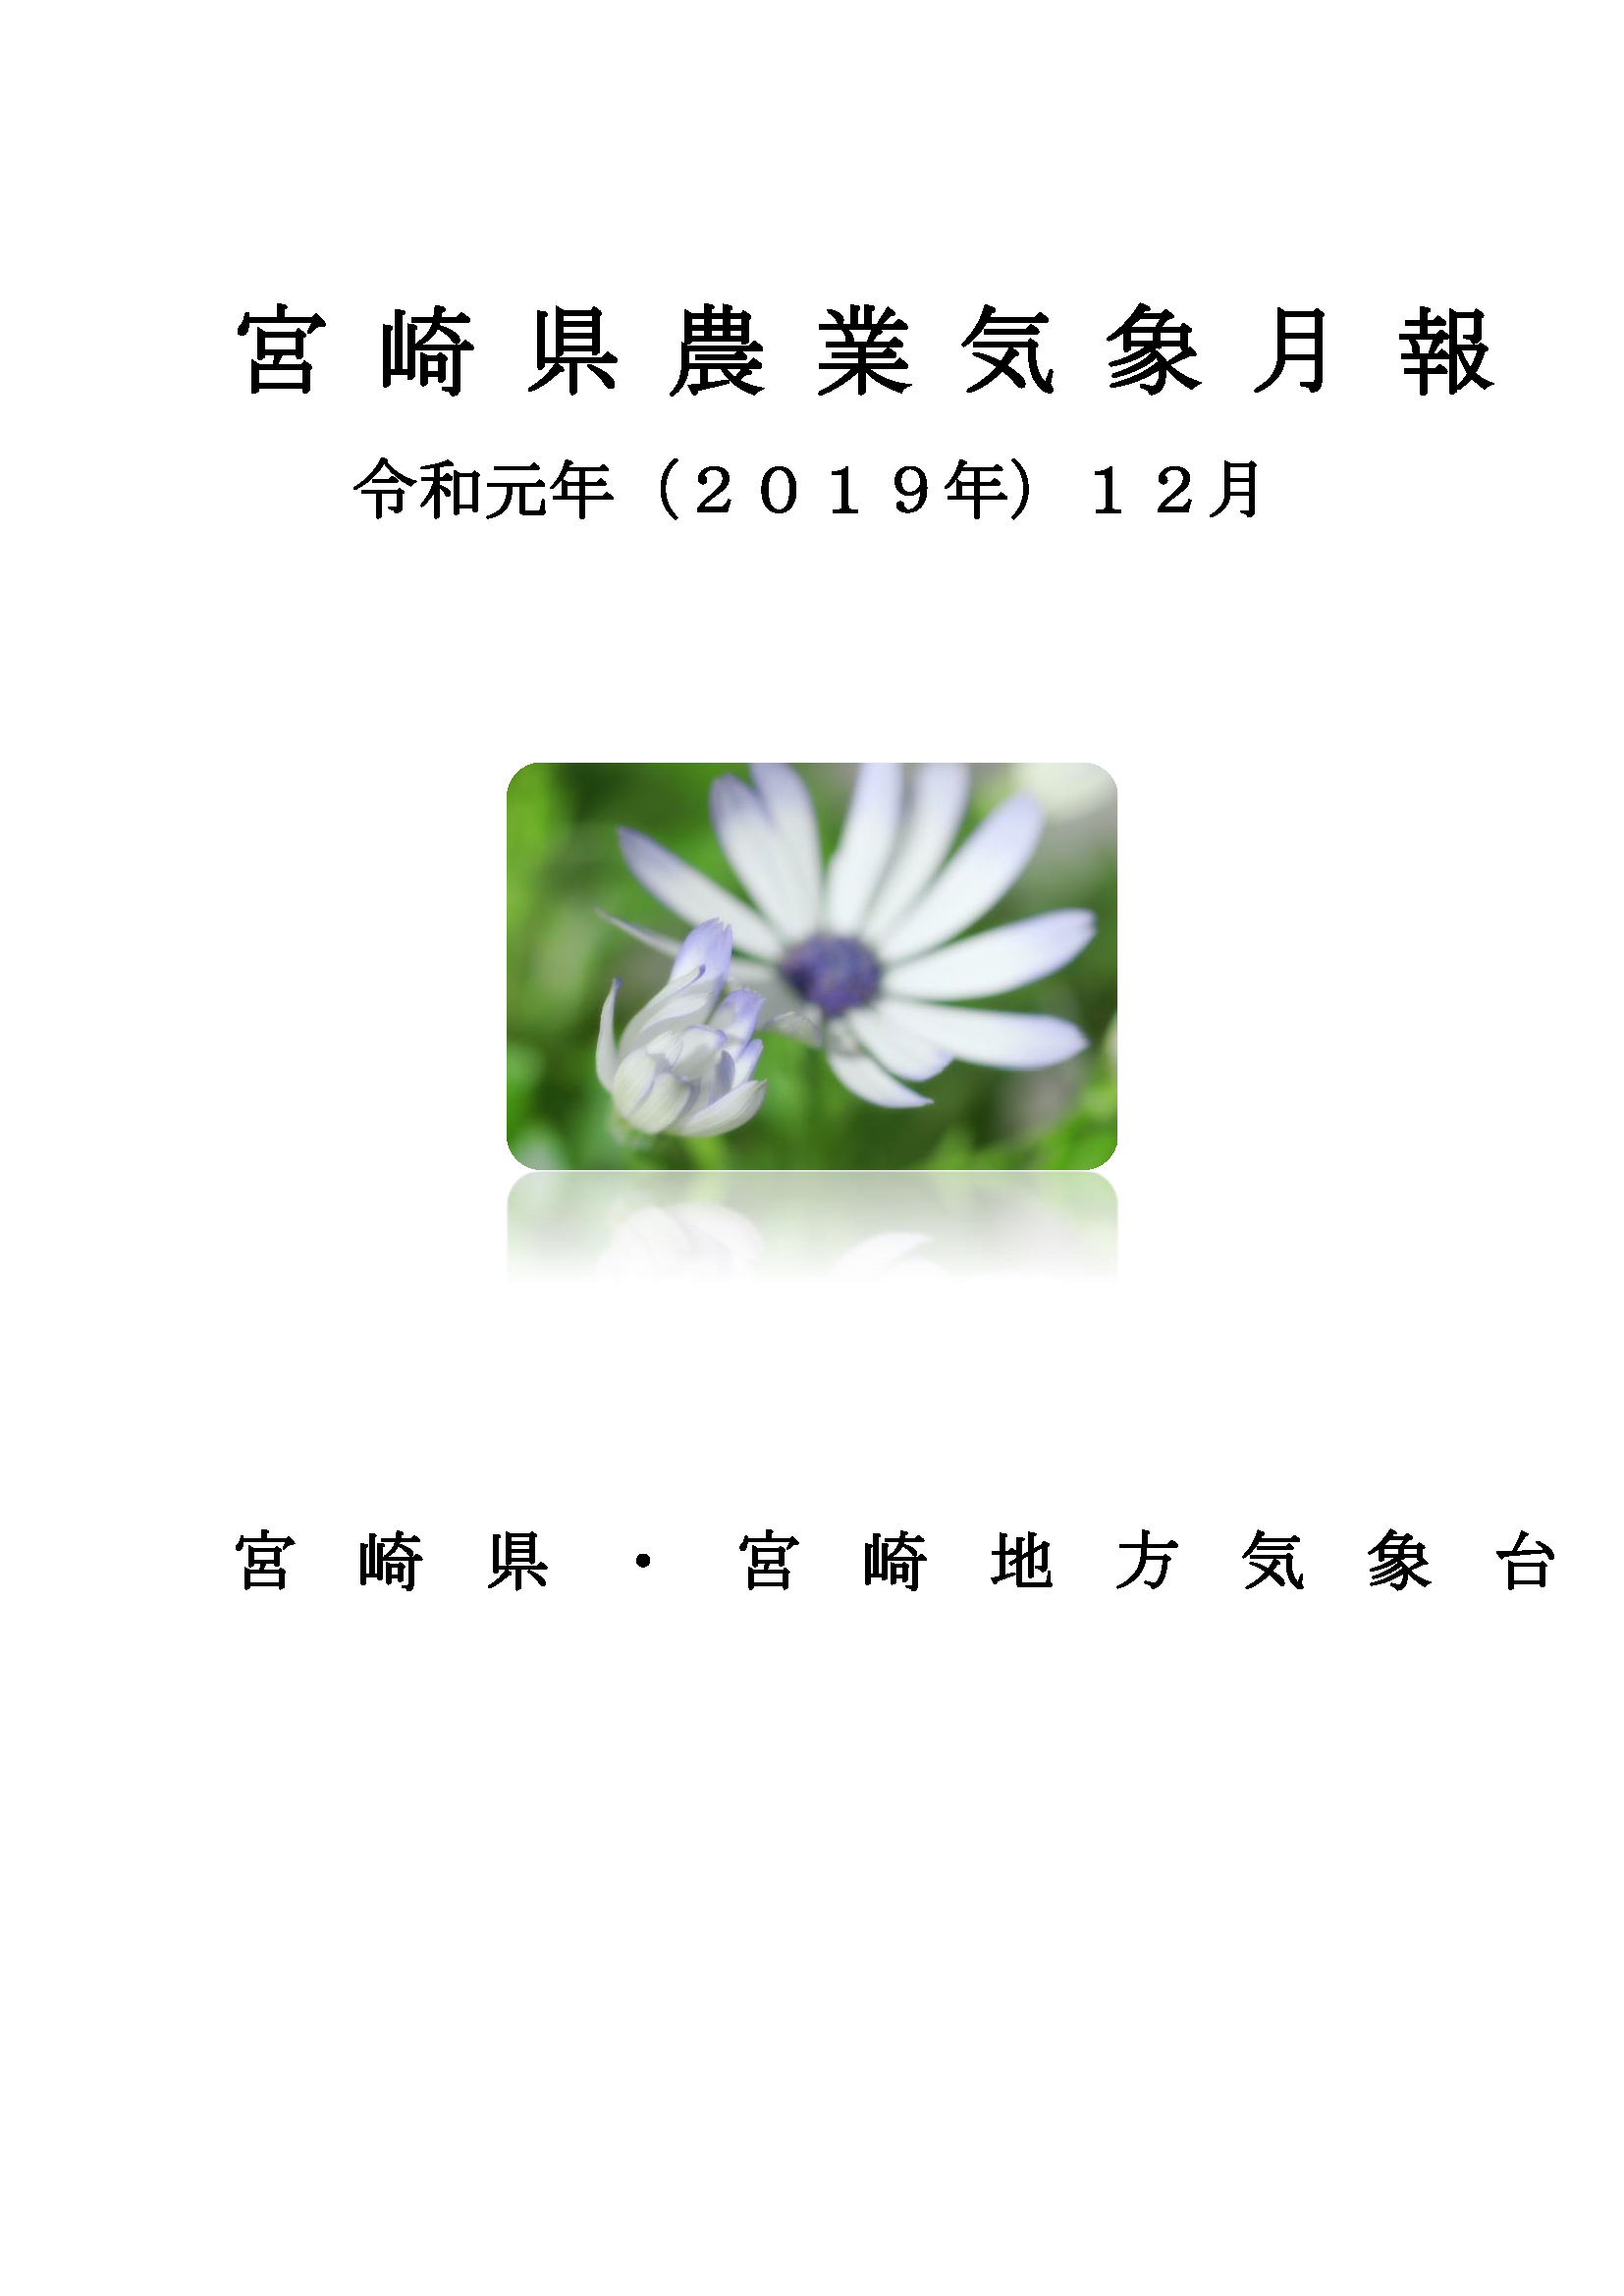 令和元年12月農業気象月報PDF